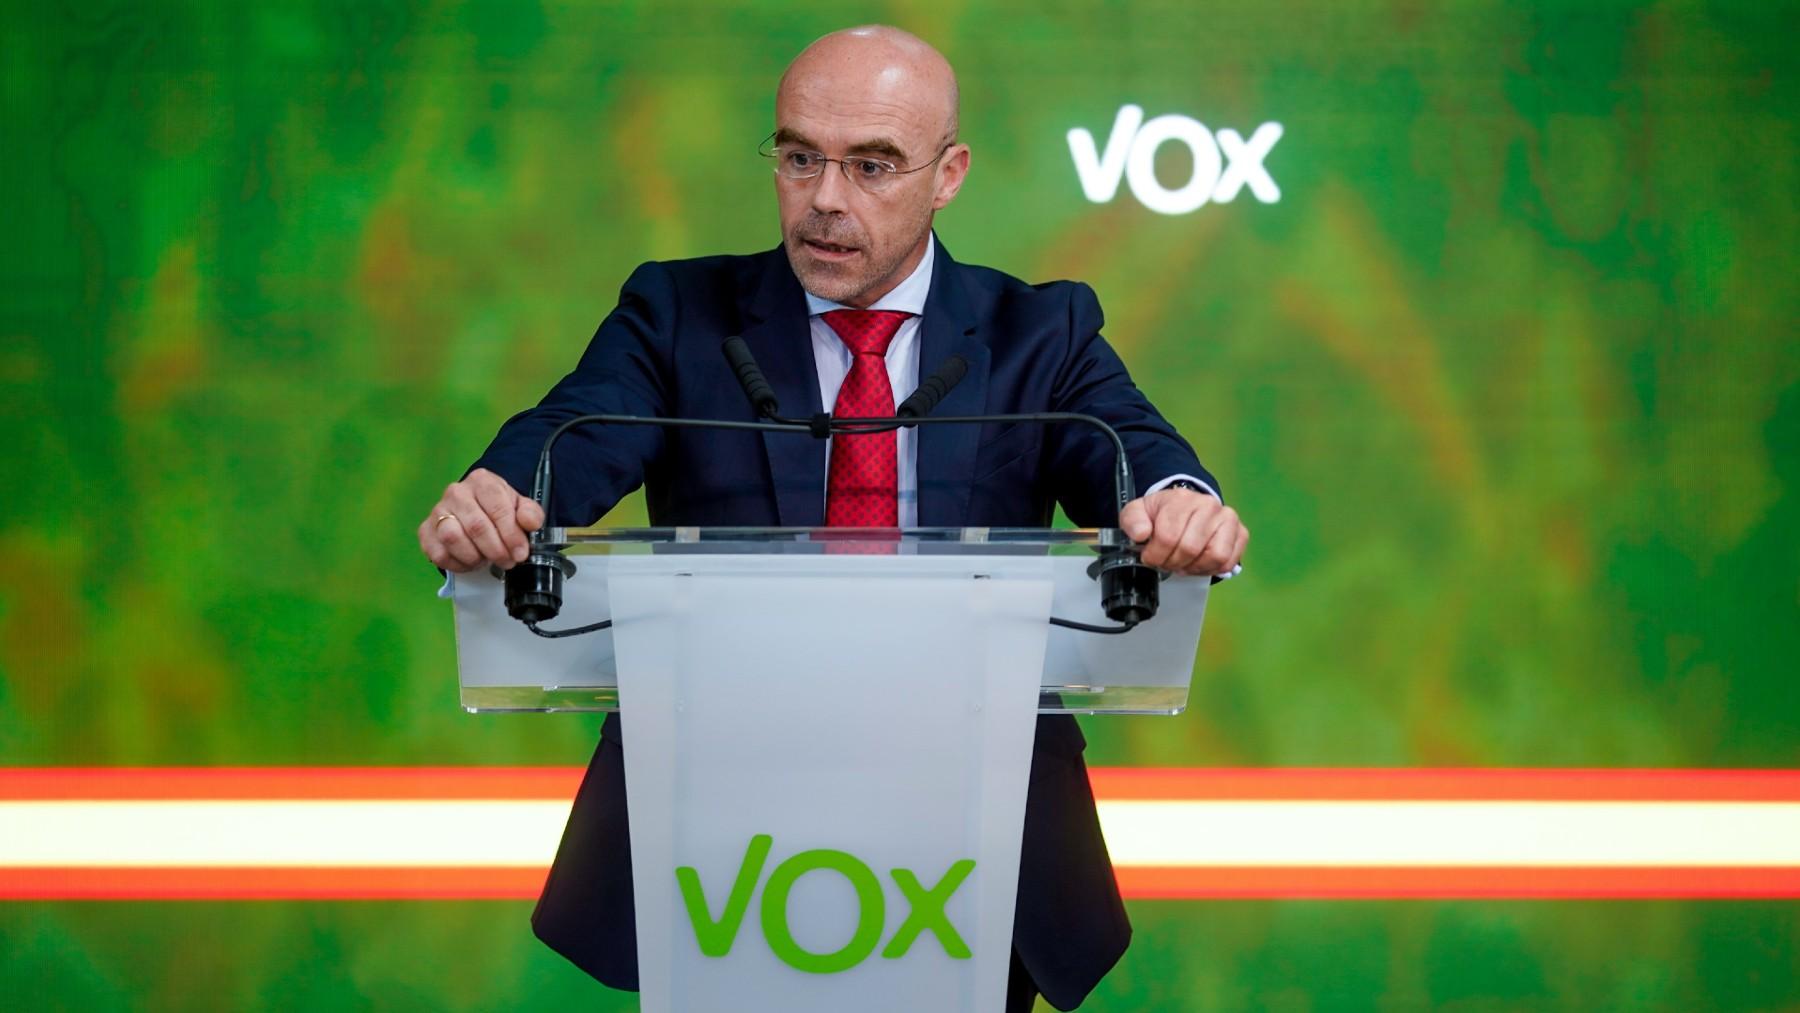 El portavoz nacional de Vox, Jorge Buxadé. (Foto: Europa Press)